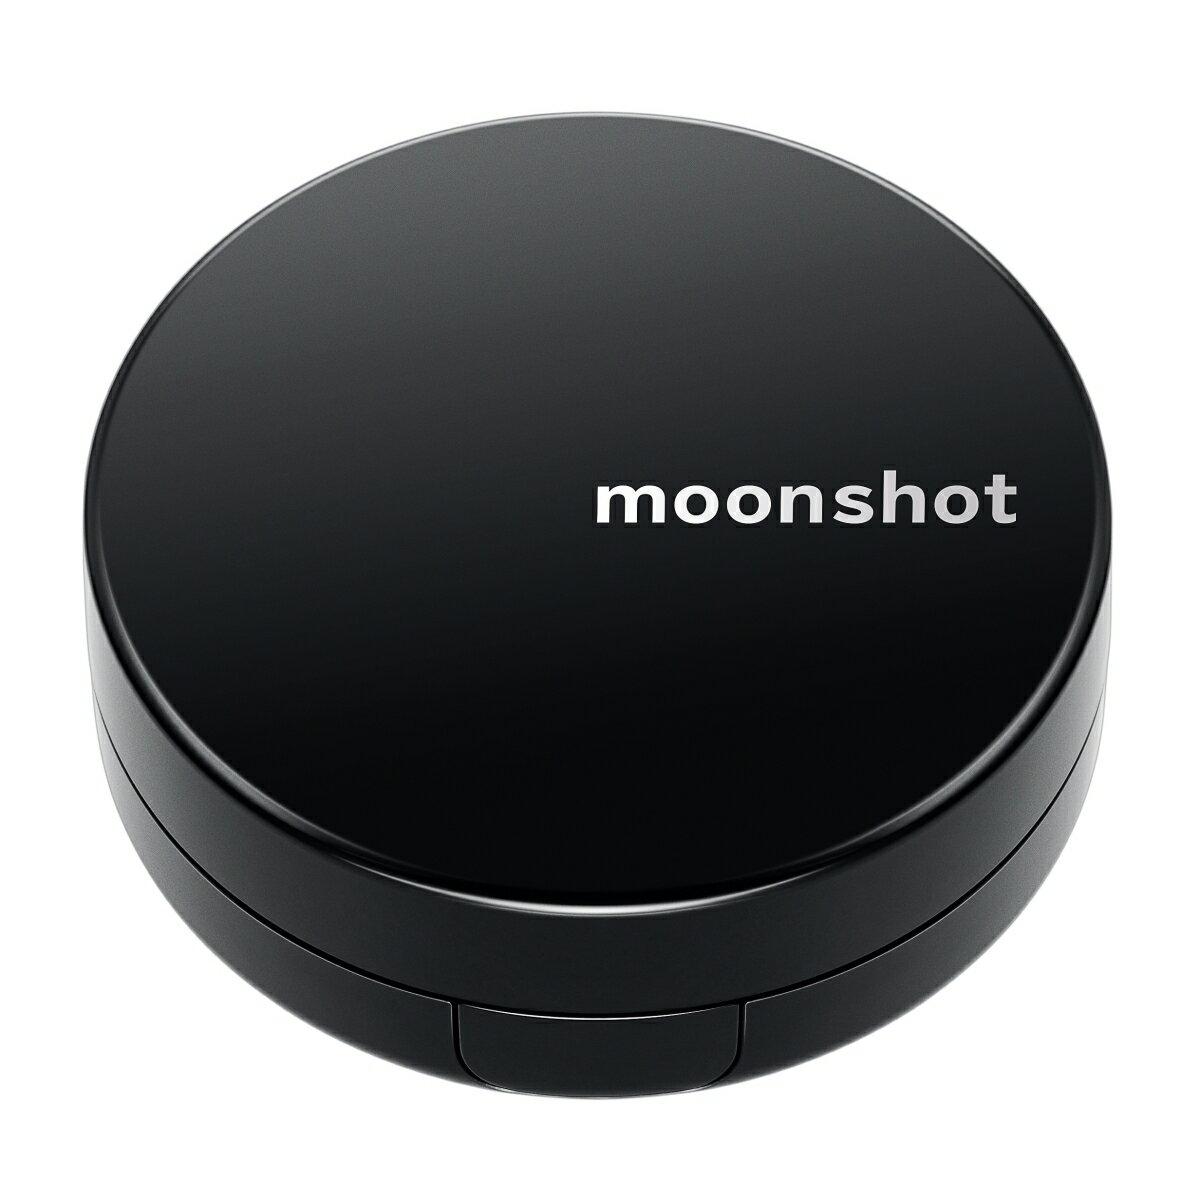 ベースメイク・メイクアップ, 化粧下地 moonshot() 12g CODECOSME()